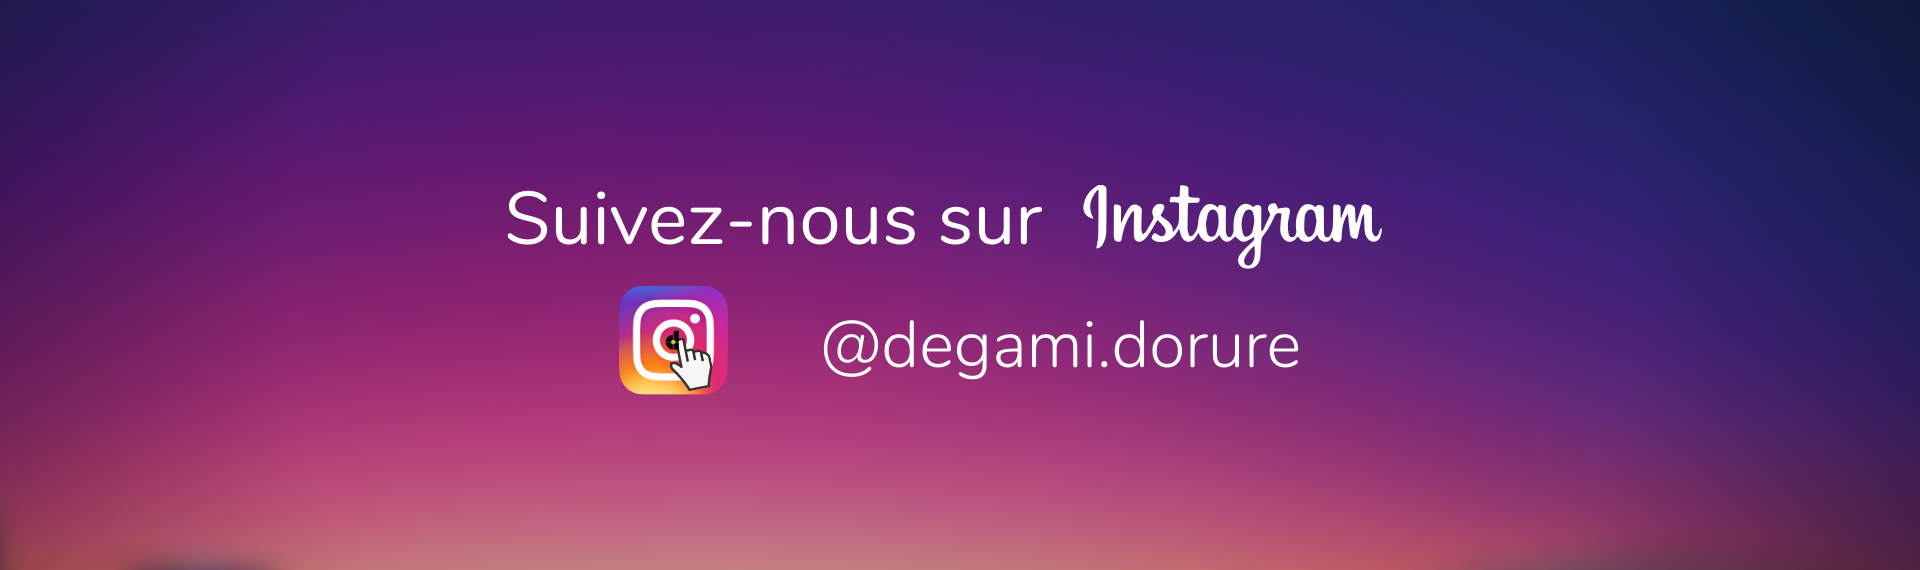 Instagram Degami dorure